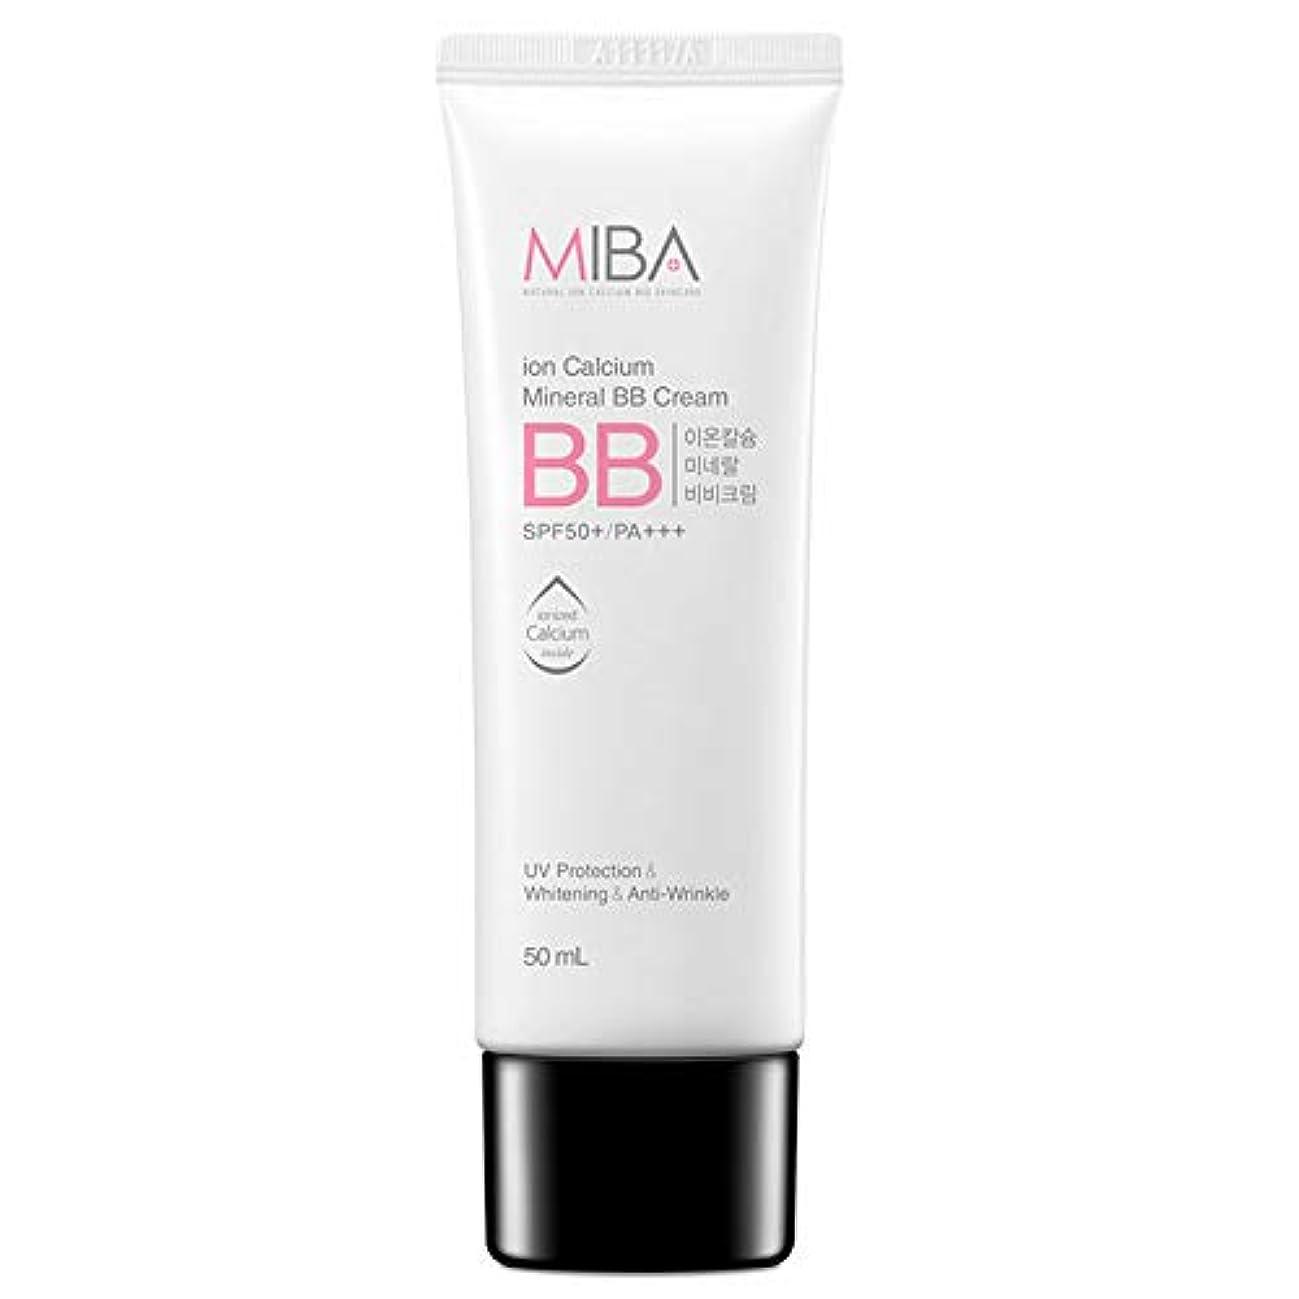 スキンDr ミバ IC ミネラルBBクリーム SPF50+/ PA+++ / MIBA Ion Calcium Mineral BB Cream [正規品]